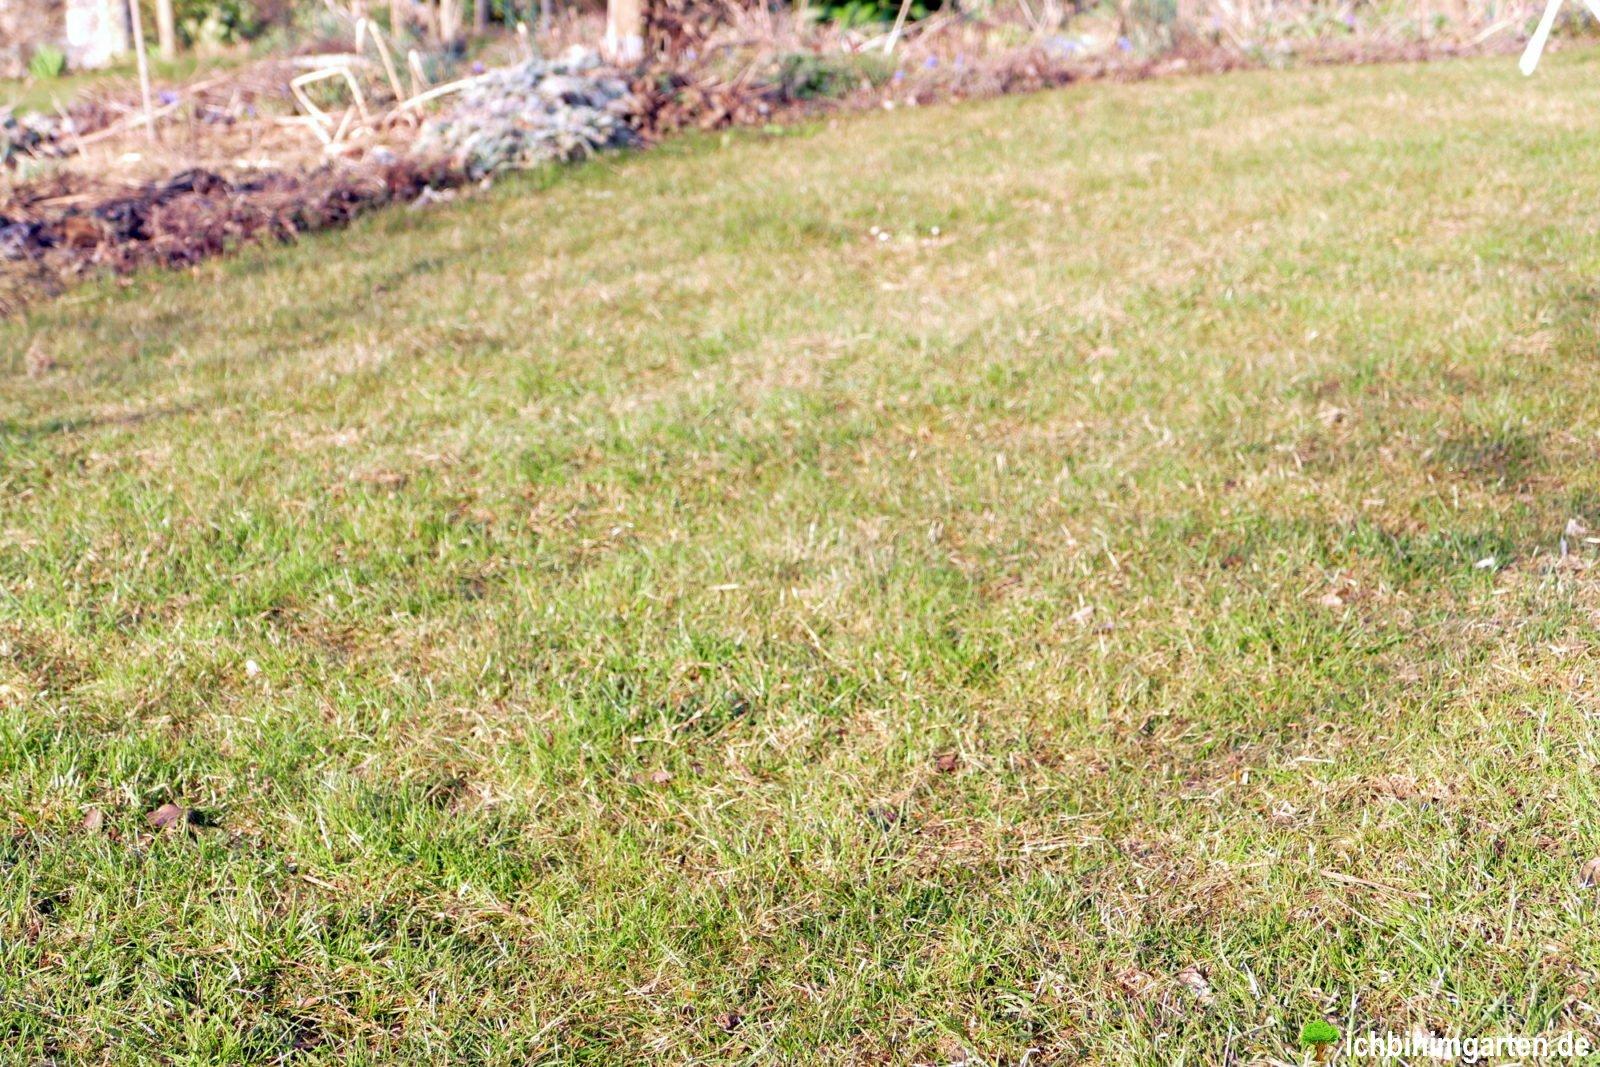 Rasen in Kräuterrasen umwandeln 1